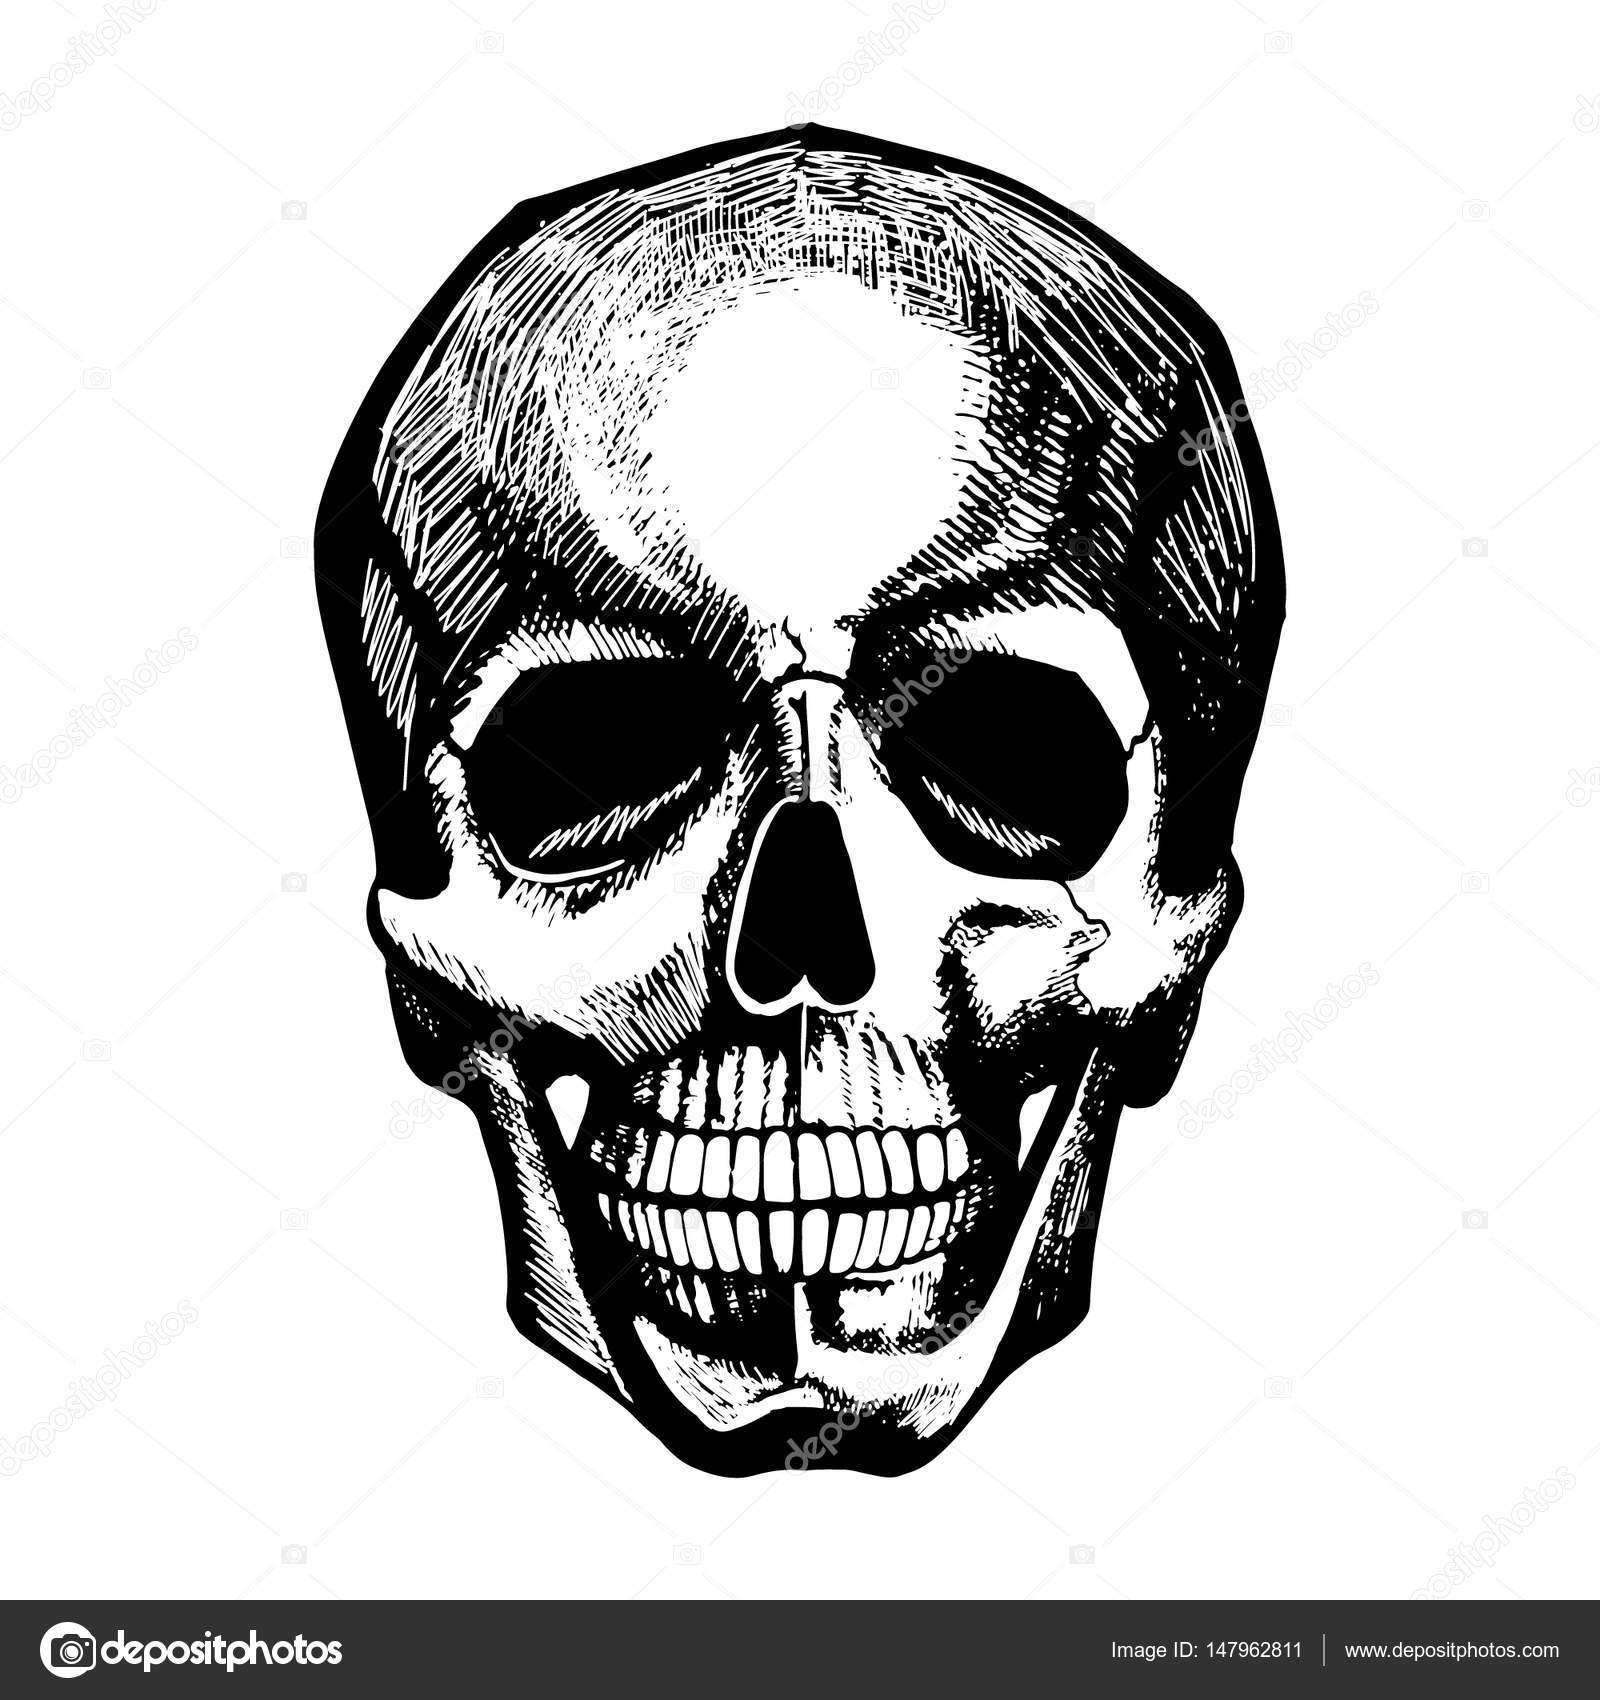 Vektor-Porträt der menschlichen Schädel. Vintage handgezeichnete ...